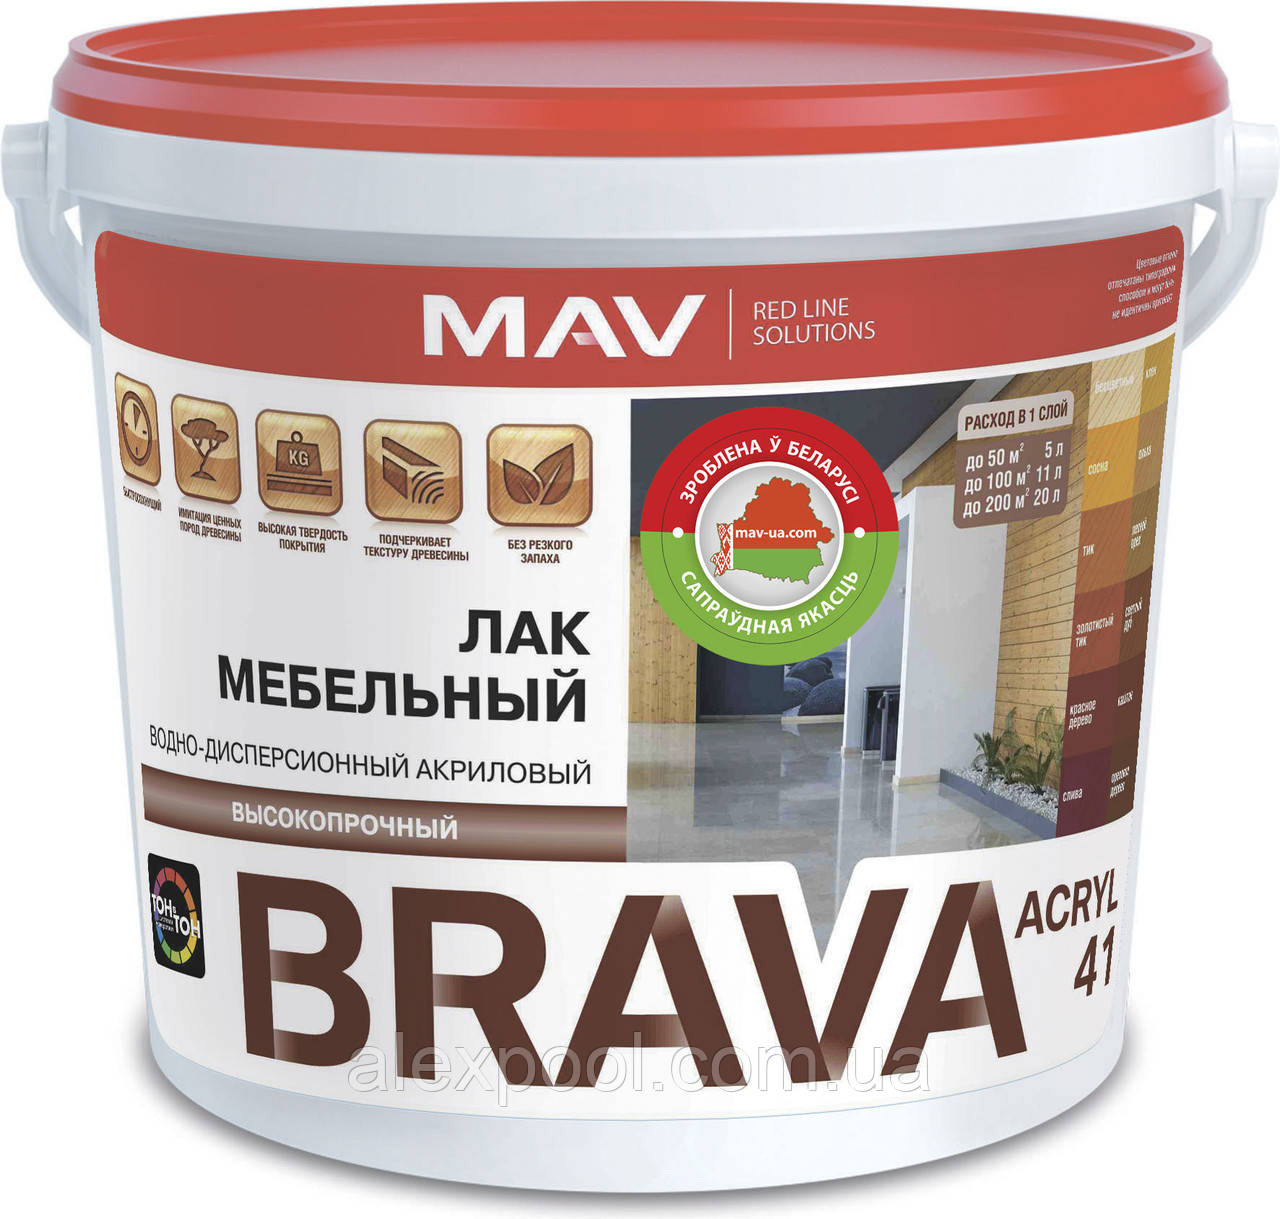 Лак MAV BRAVA ACRYL 41 мебельный Золотистый тик 5 литров